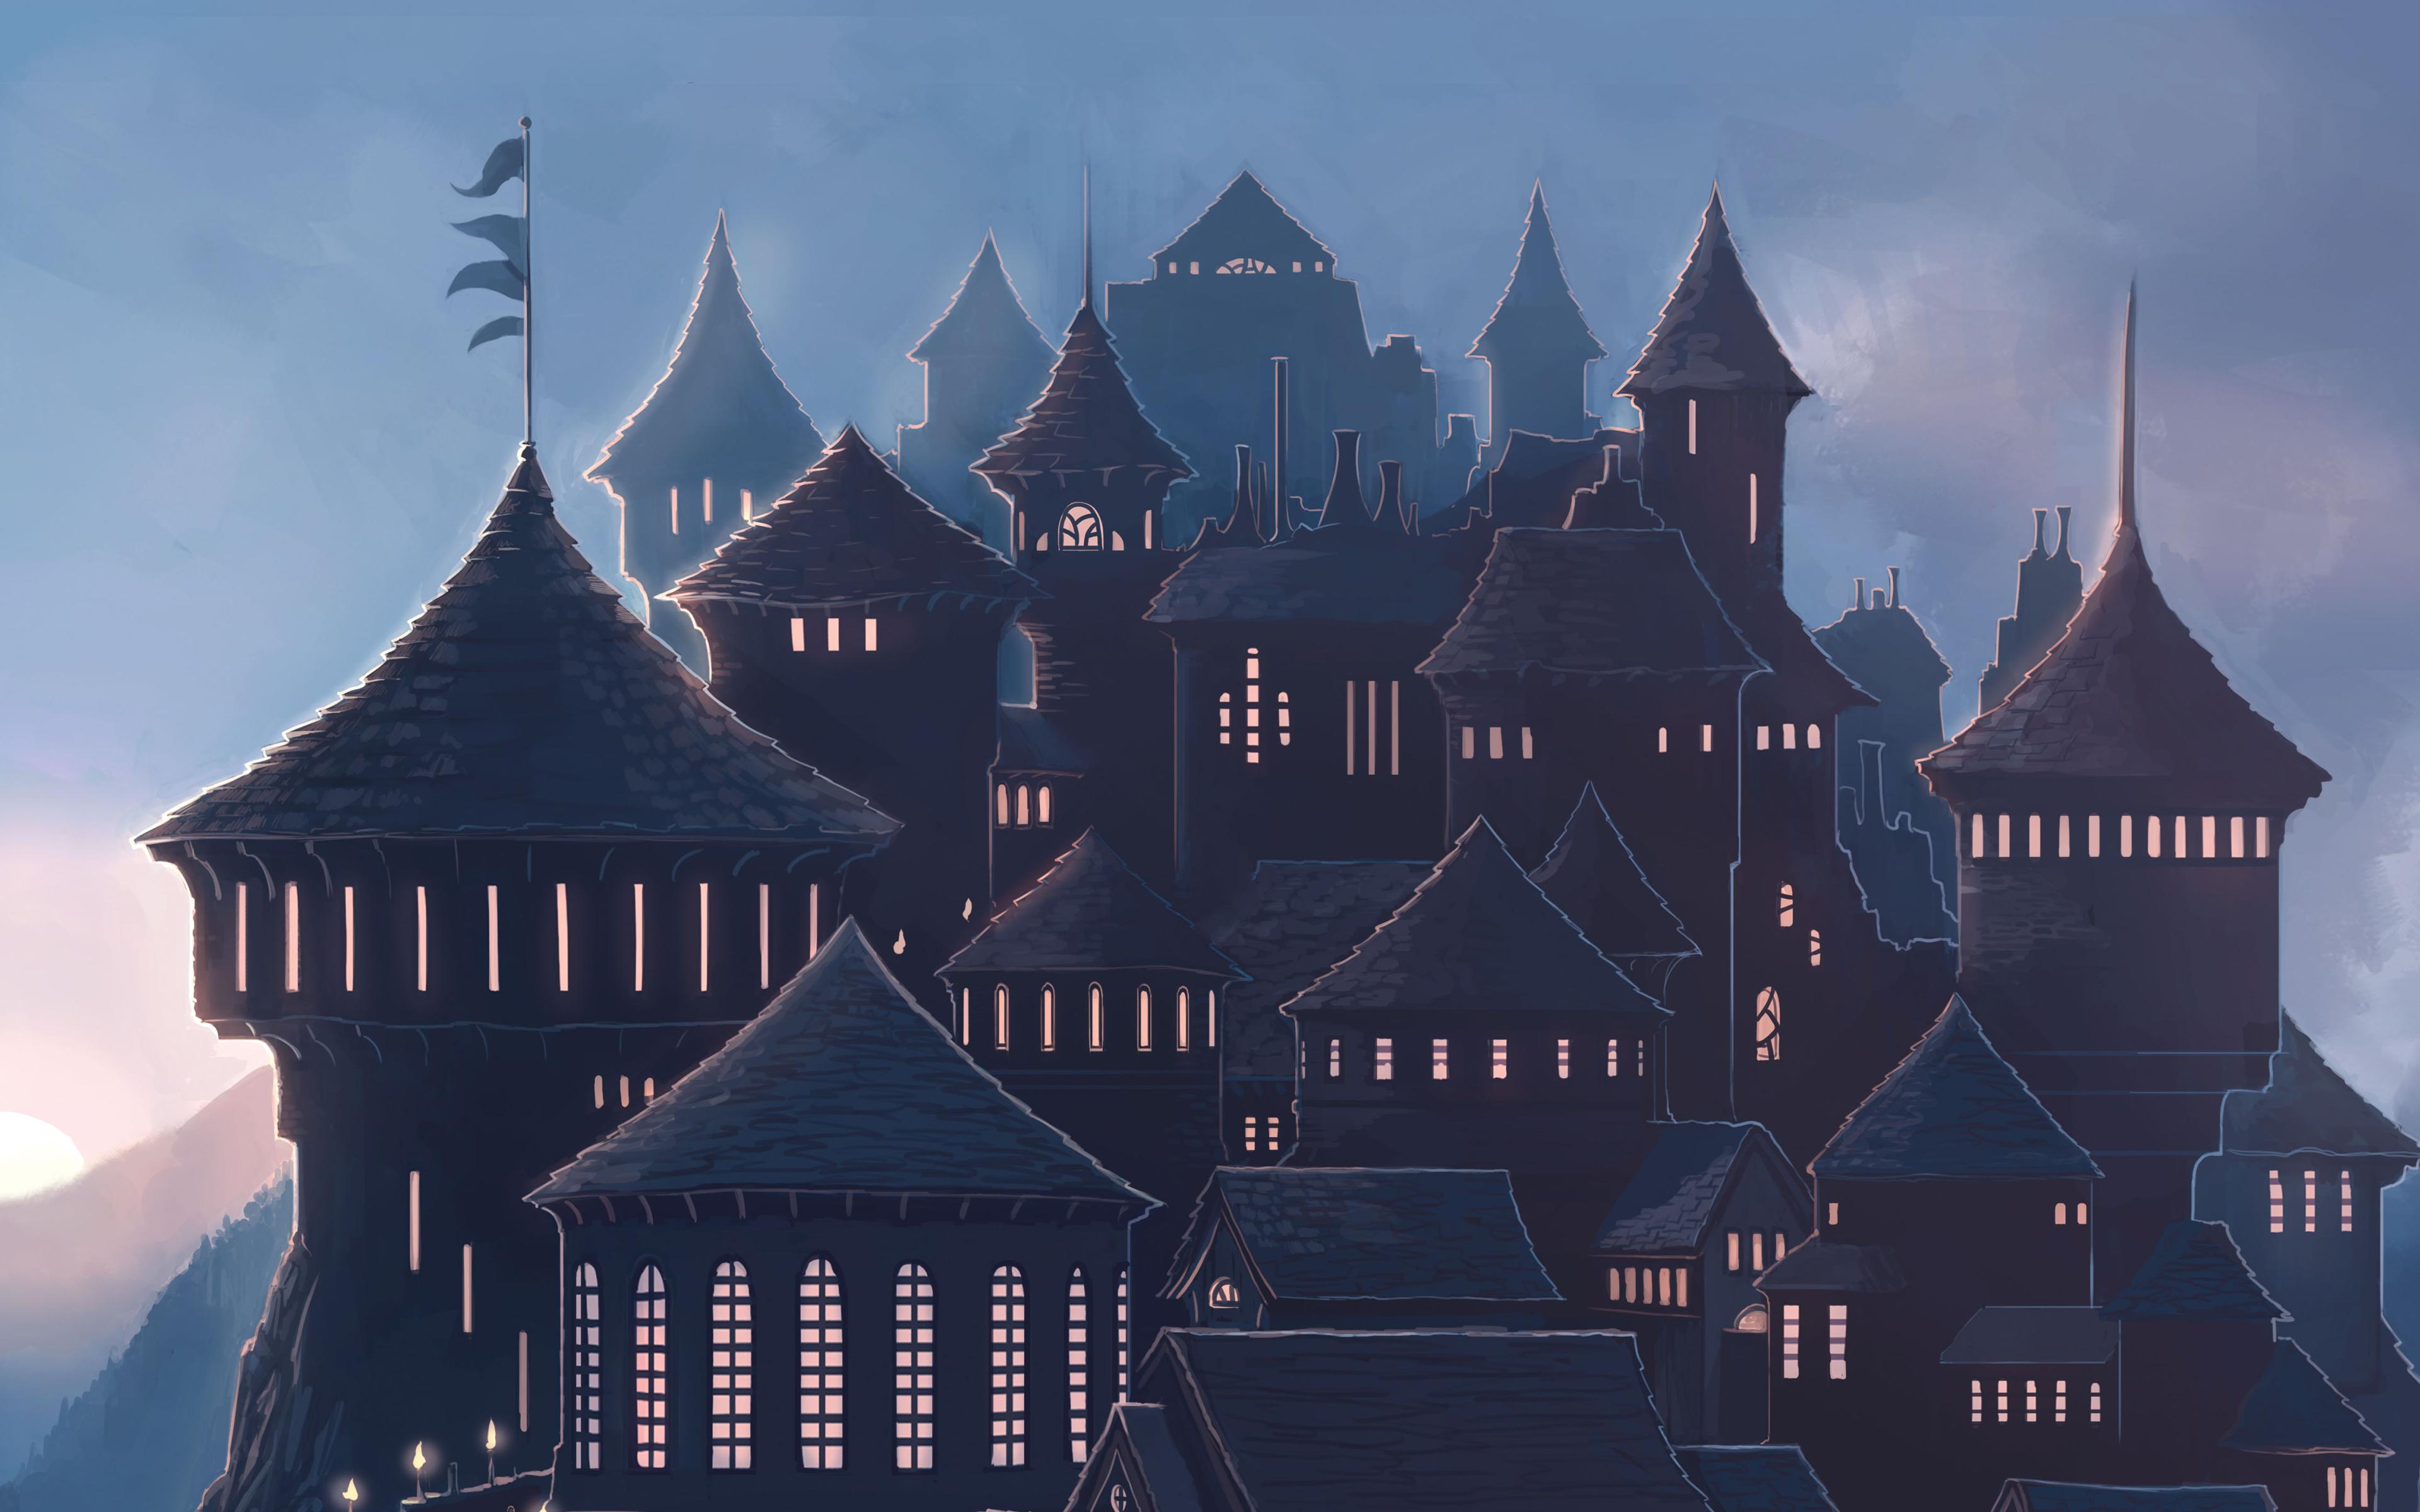 Hogwarts harry potter school hd 4k wallpaper - Harry potter images download ...